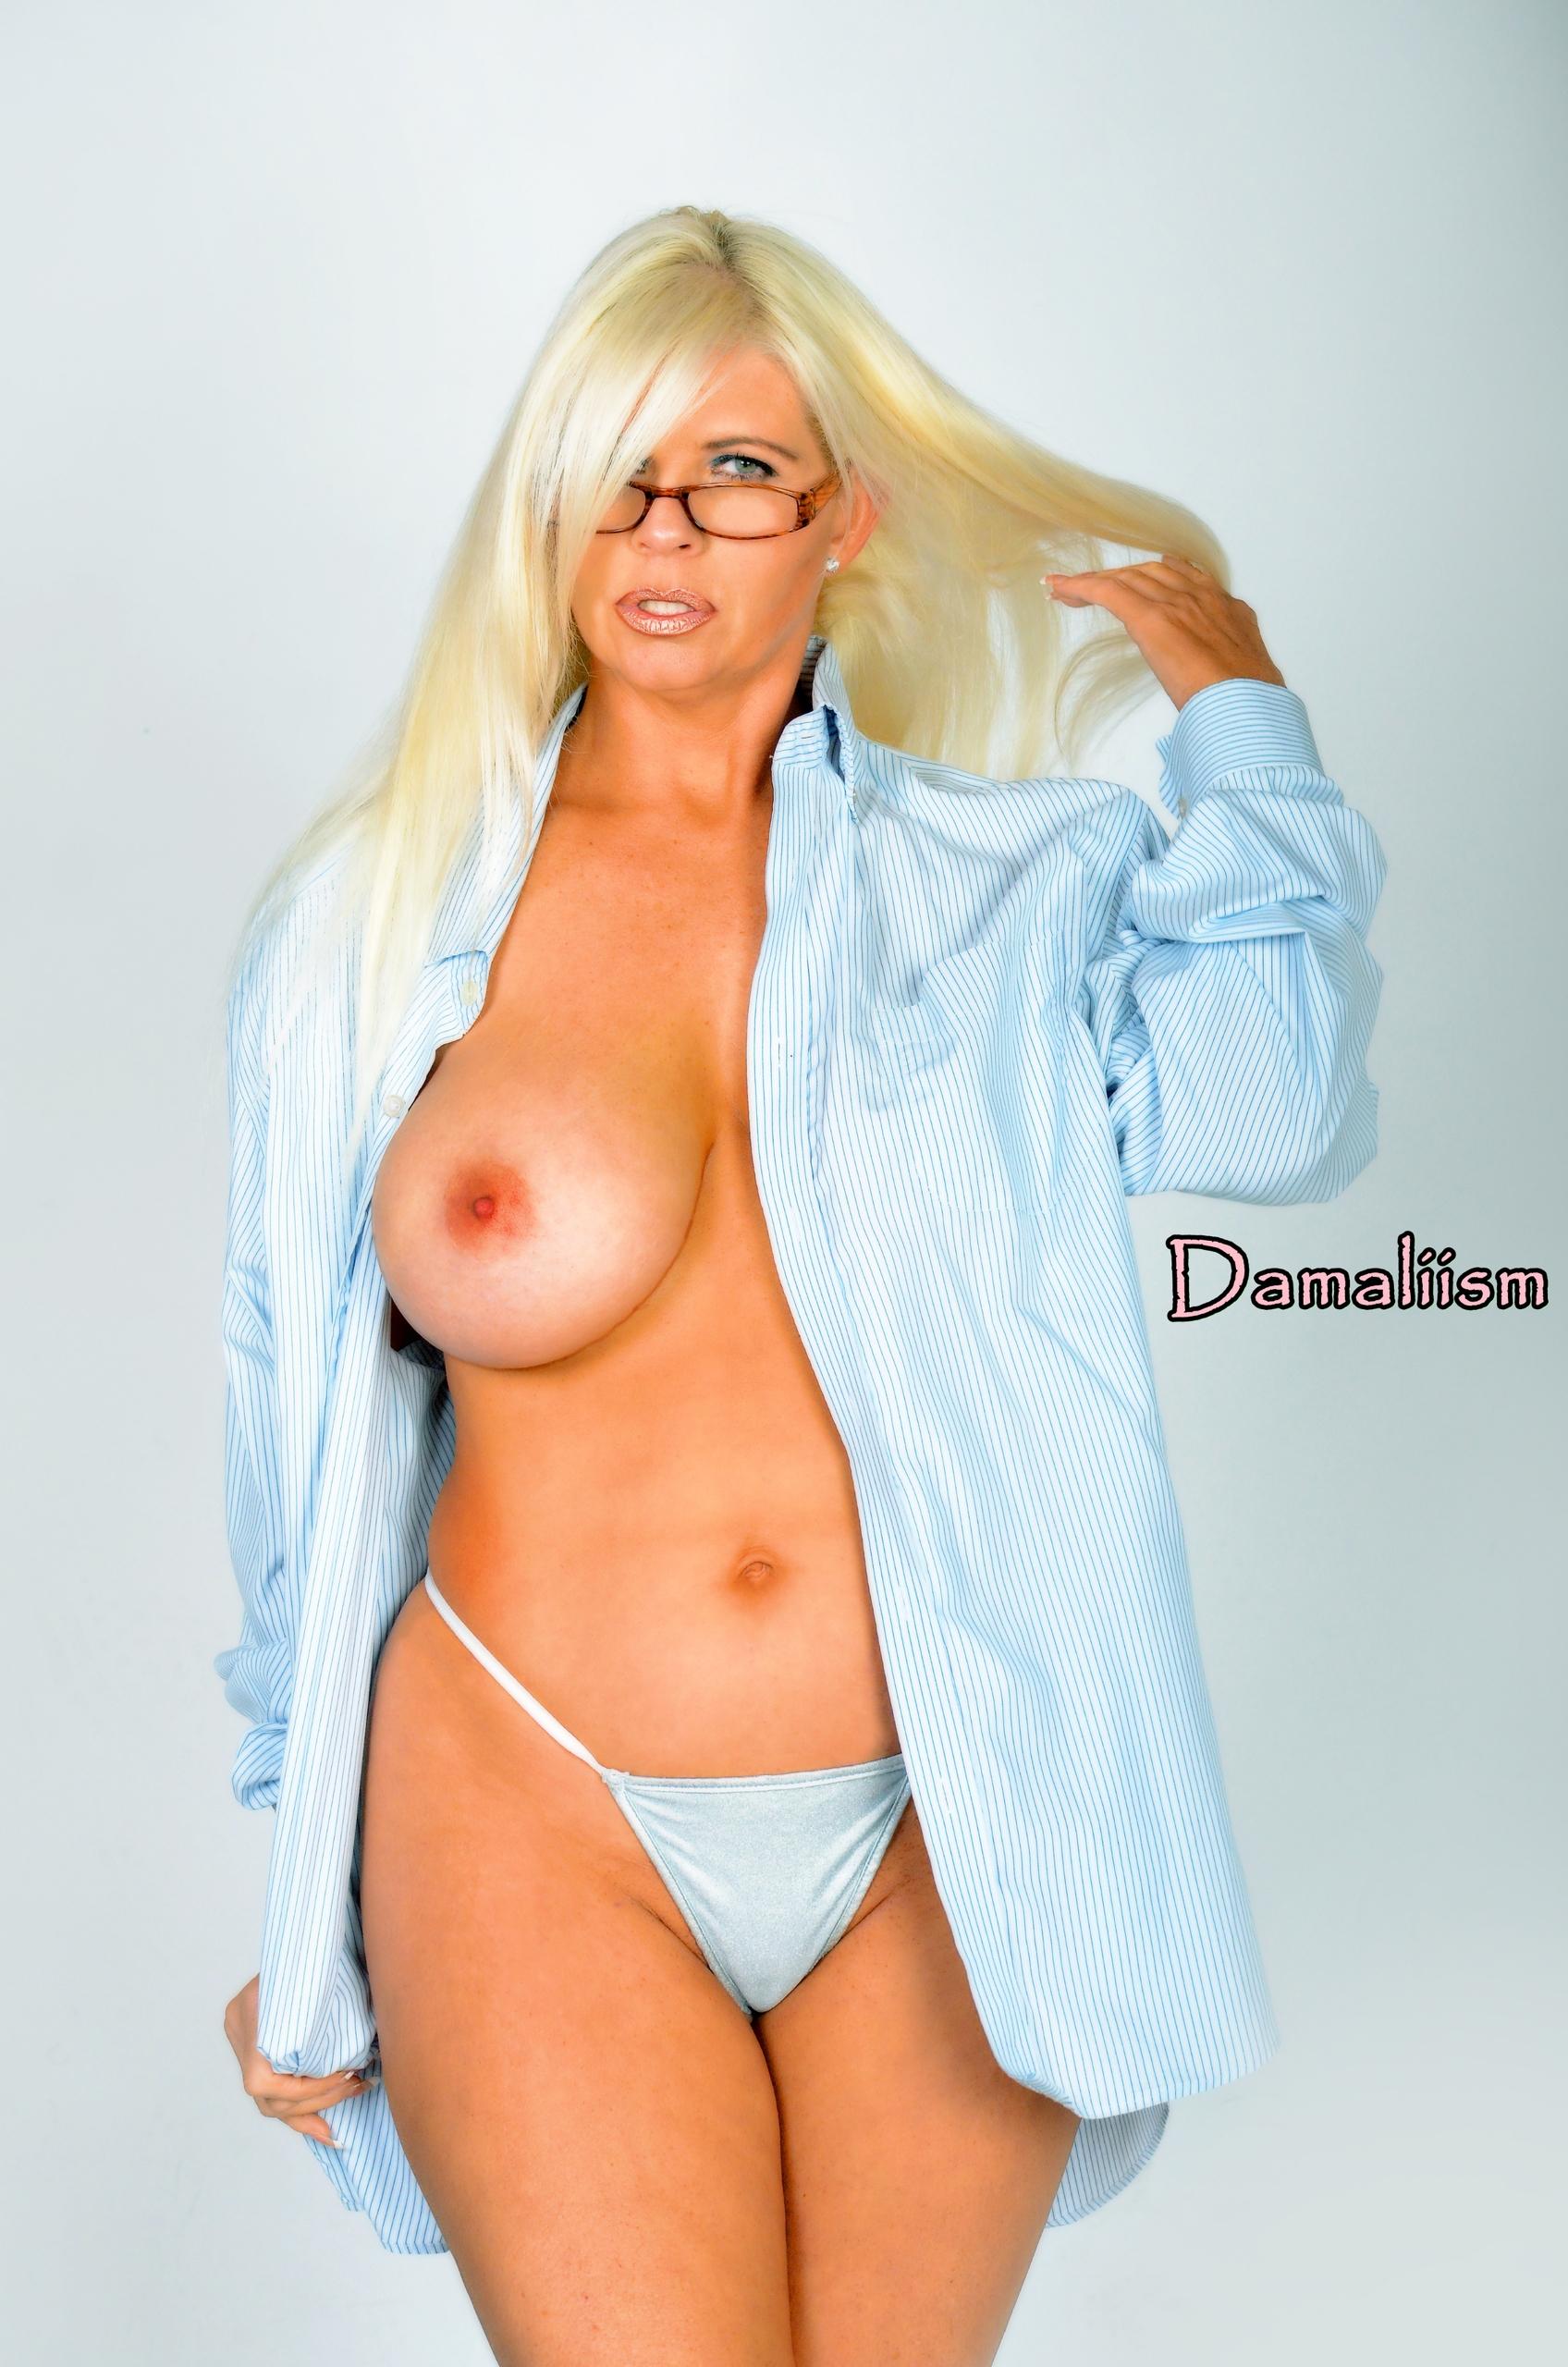 Damaliism Model: Blonde Bombshe - damaliism | ello